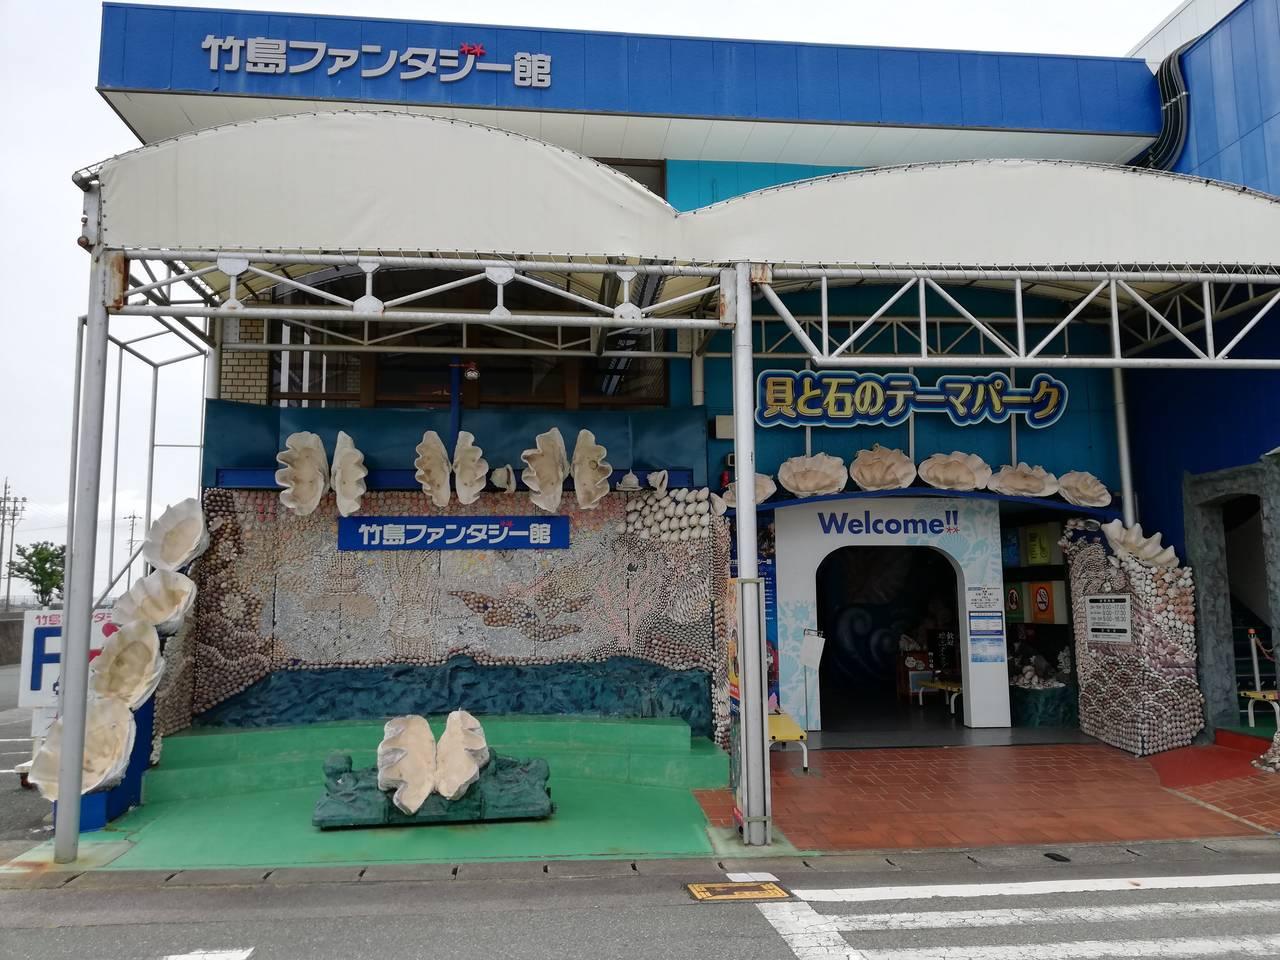 【愛知】貝が織り成す煌めく不思議な施設「竹島ファンタジー館」